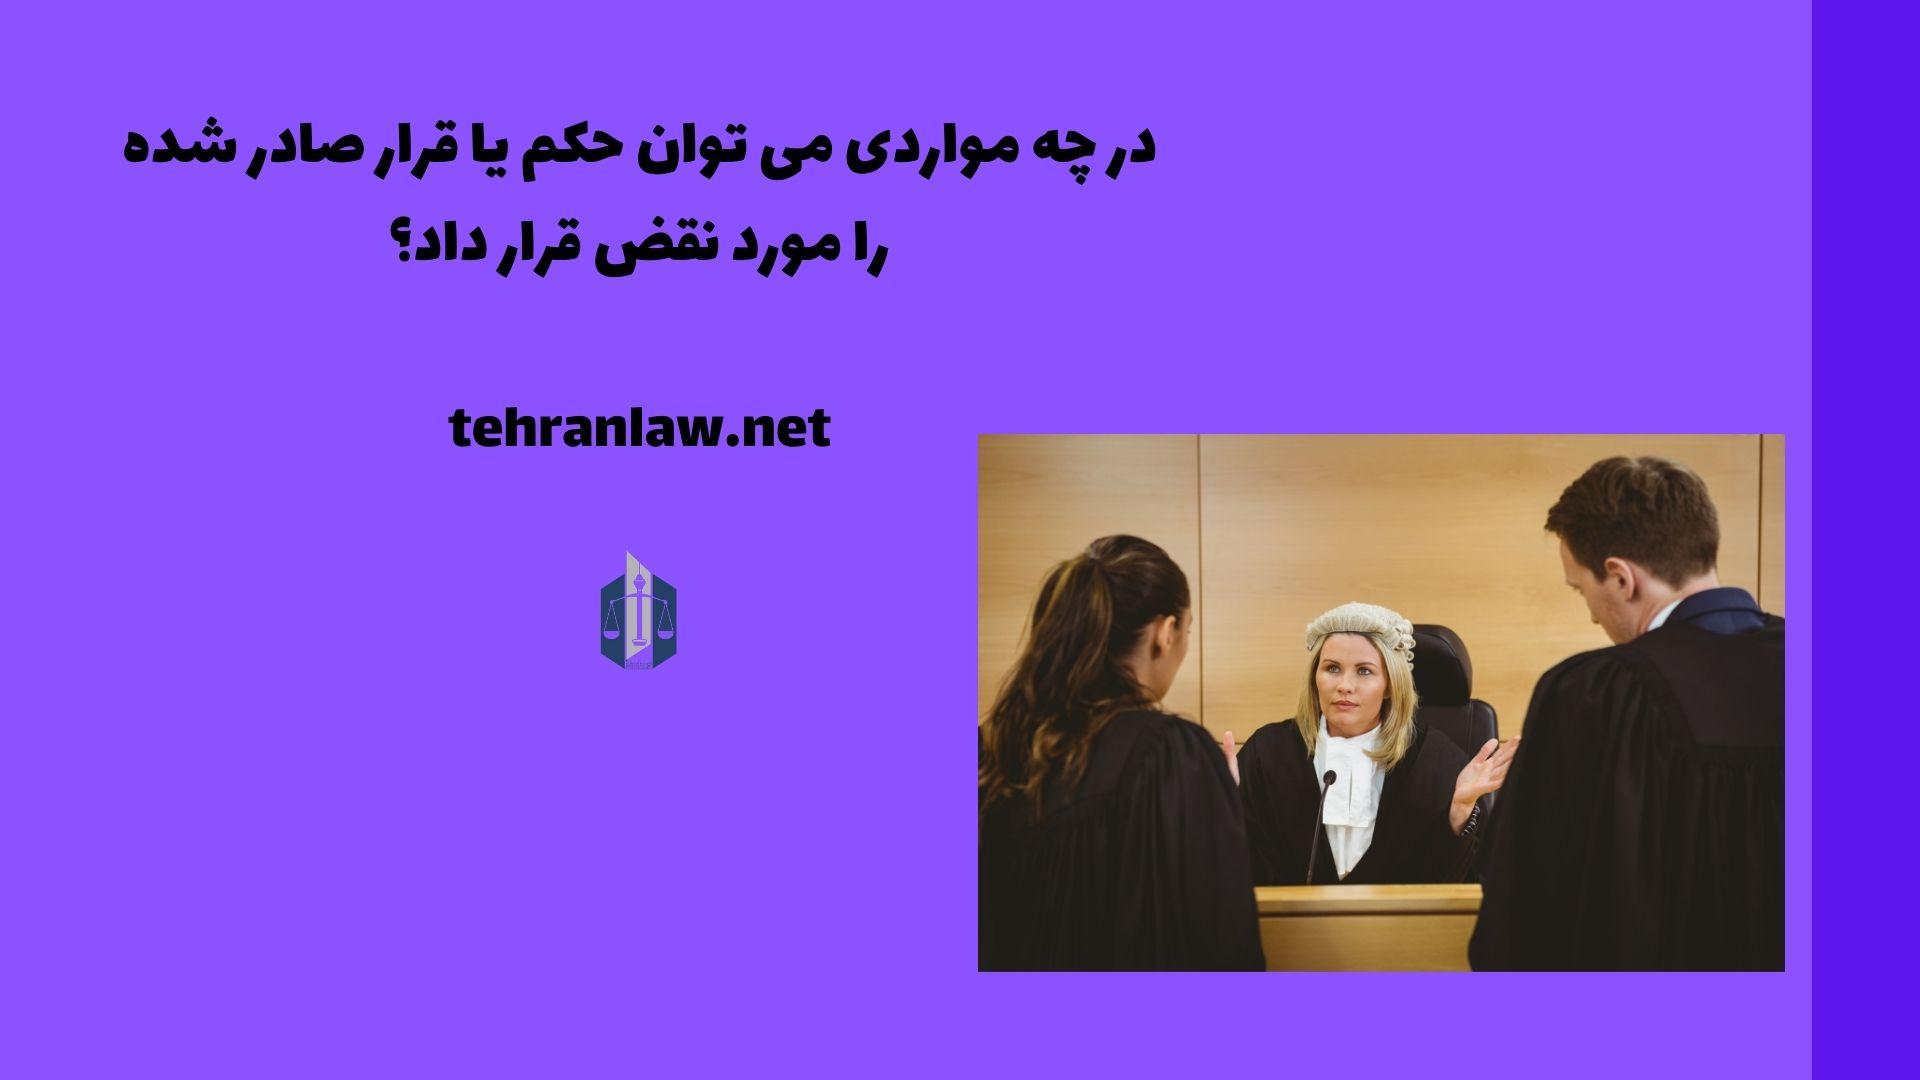 در چه مواردی می توان حکم یا قرار صادر شده را مورد نقض قرار داد؟